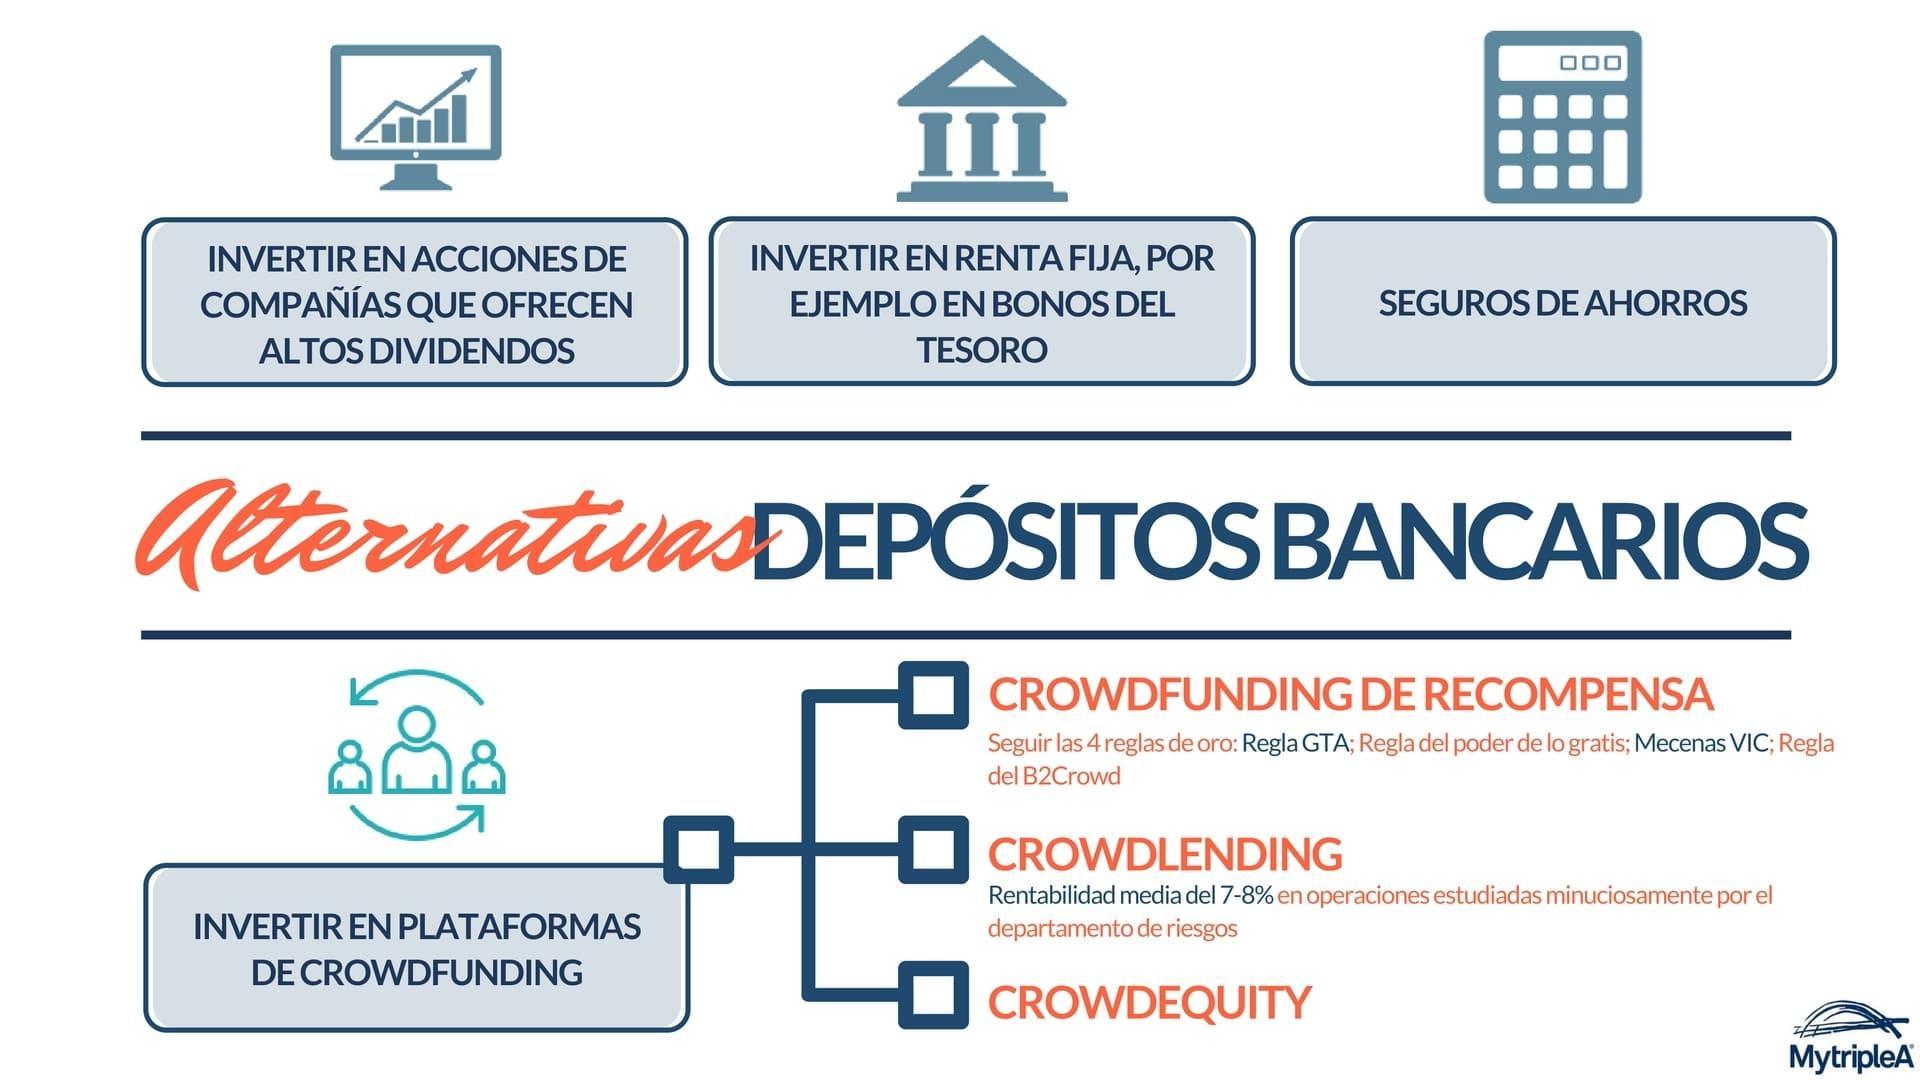 Alternativas depósitos bancarios